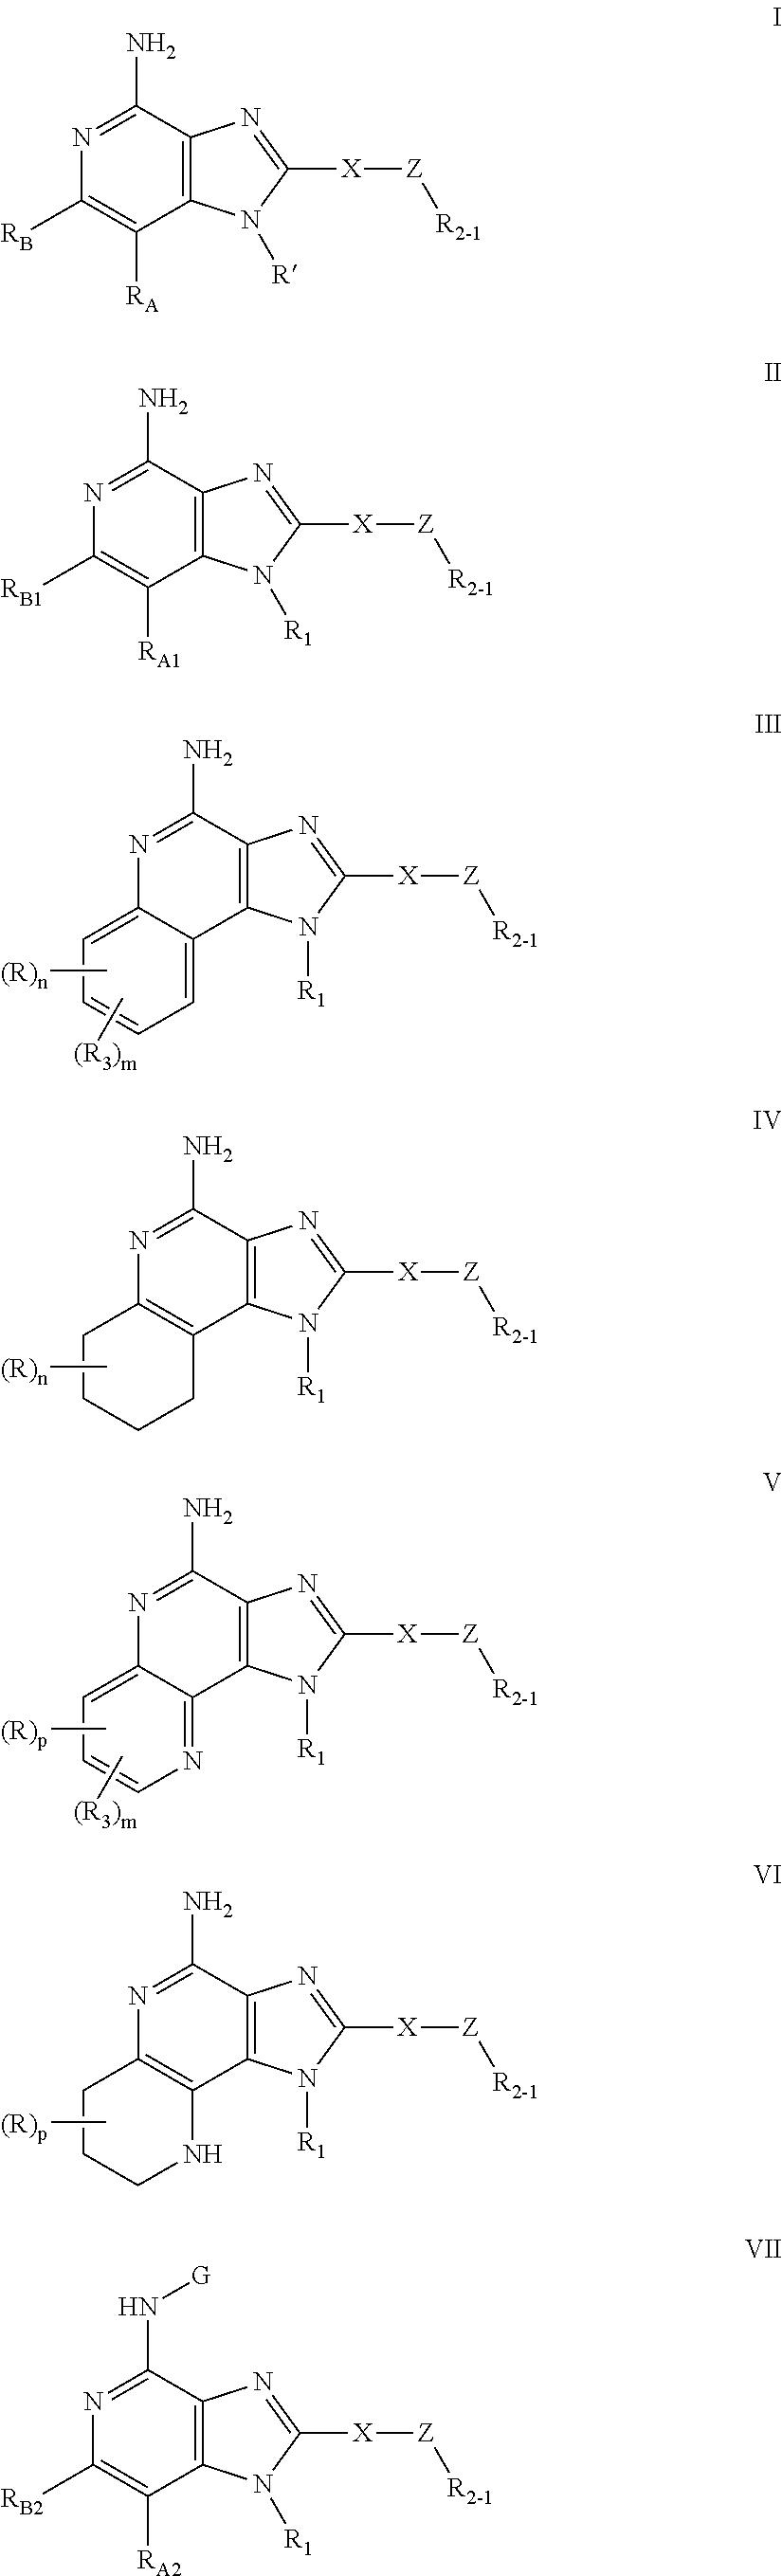 Figure US07968563-20110628-C00002